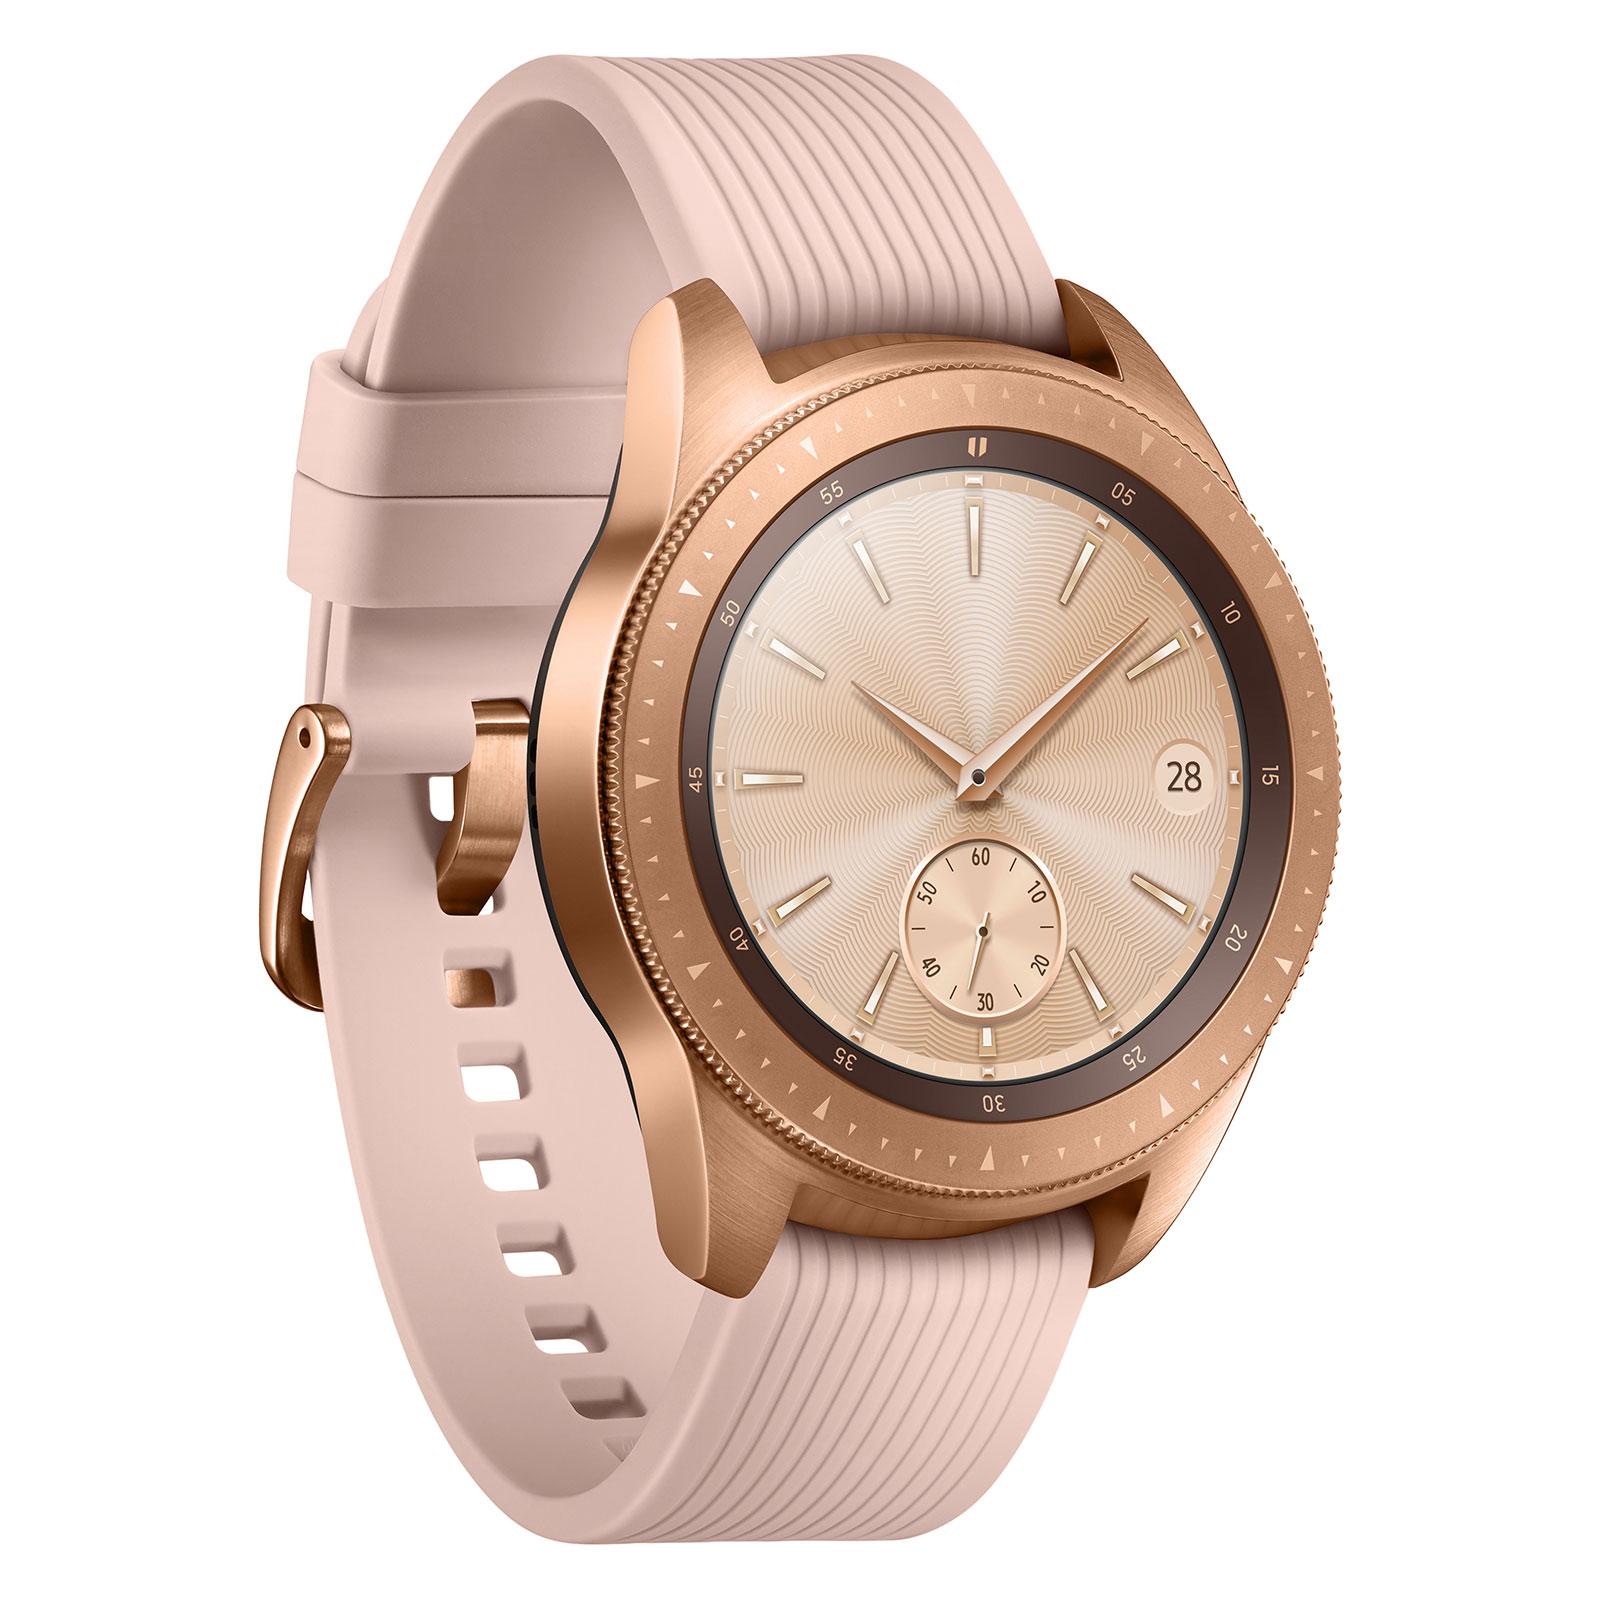 """Montre connectée Samsung Galaxy Watch Or Impérial Montre connectée certifiée IP68 avec écran Super AMOLED 1.2"""", Wi-Fi, NFC et Bluetooth 4.2 sous Tizen 4.0"""